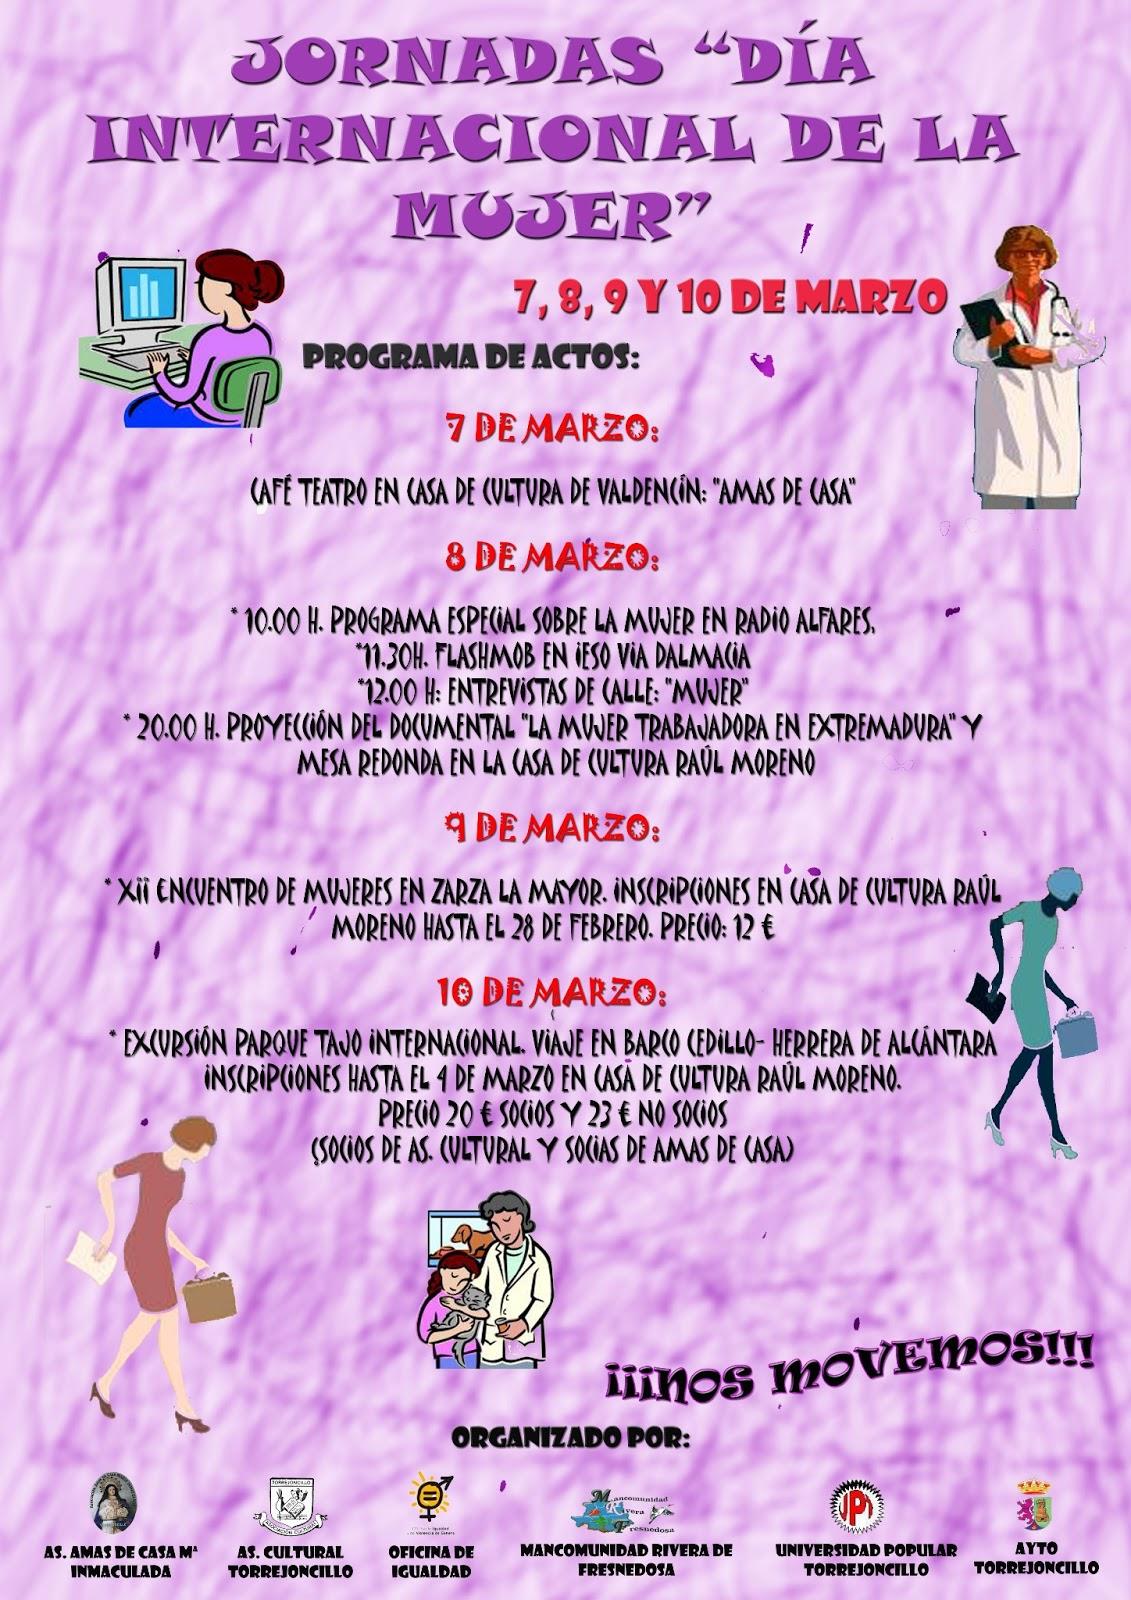 Jornadas Dia Internacional De La Mujer Ttn Torrejoncillo Todo Noticias Que dios te de mucha vida y sabiduría. jornadas dia internacional de la mujer